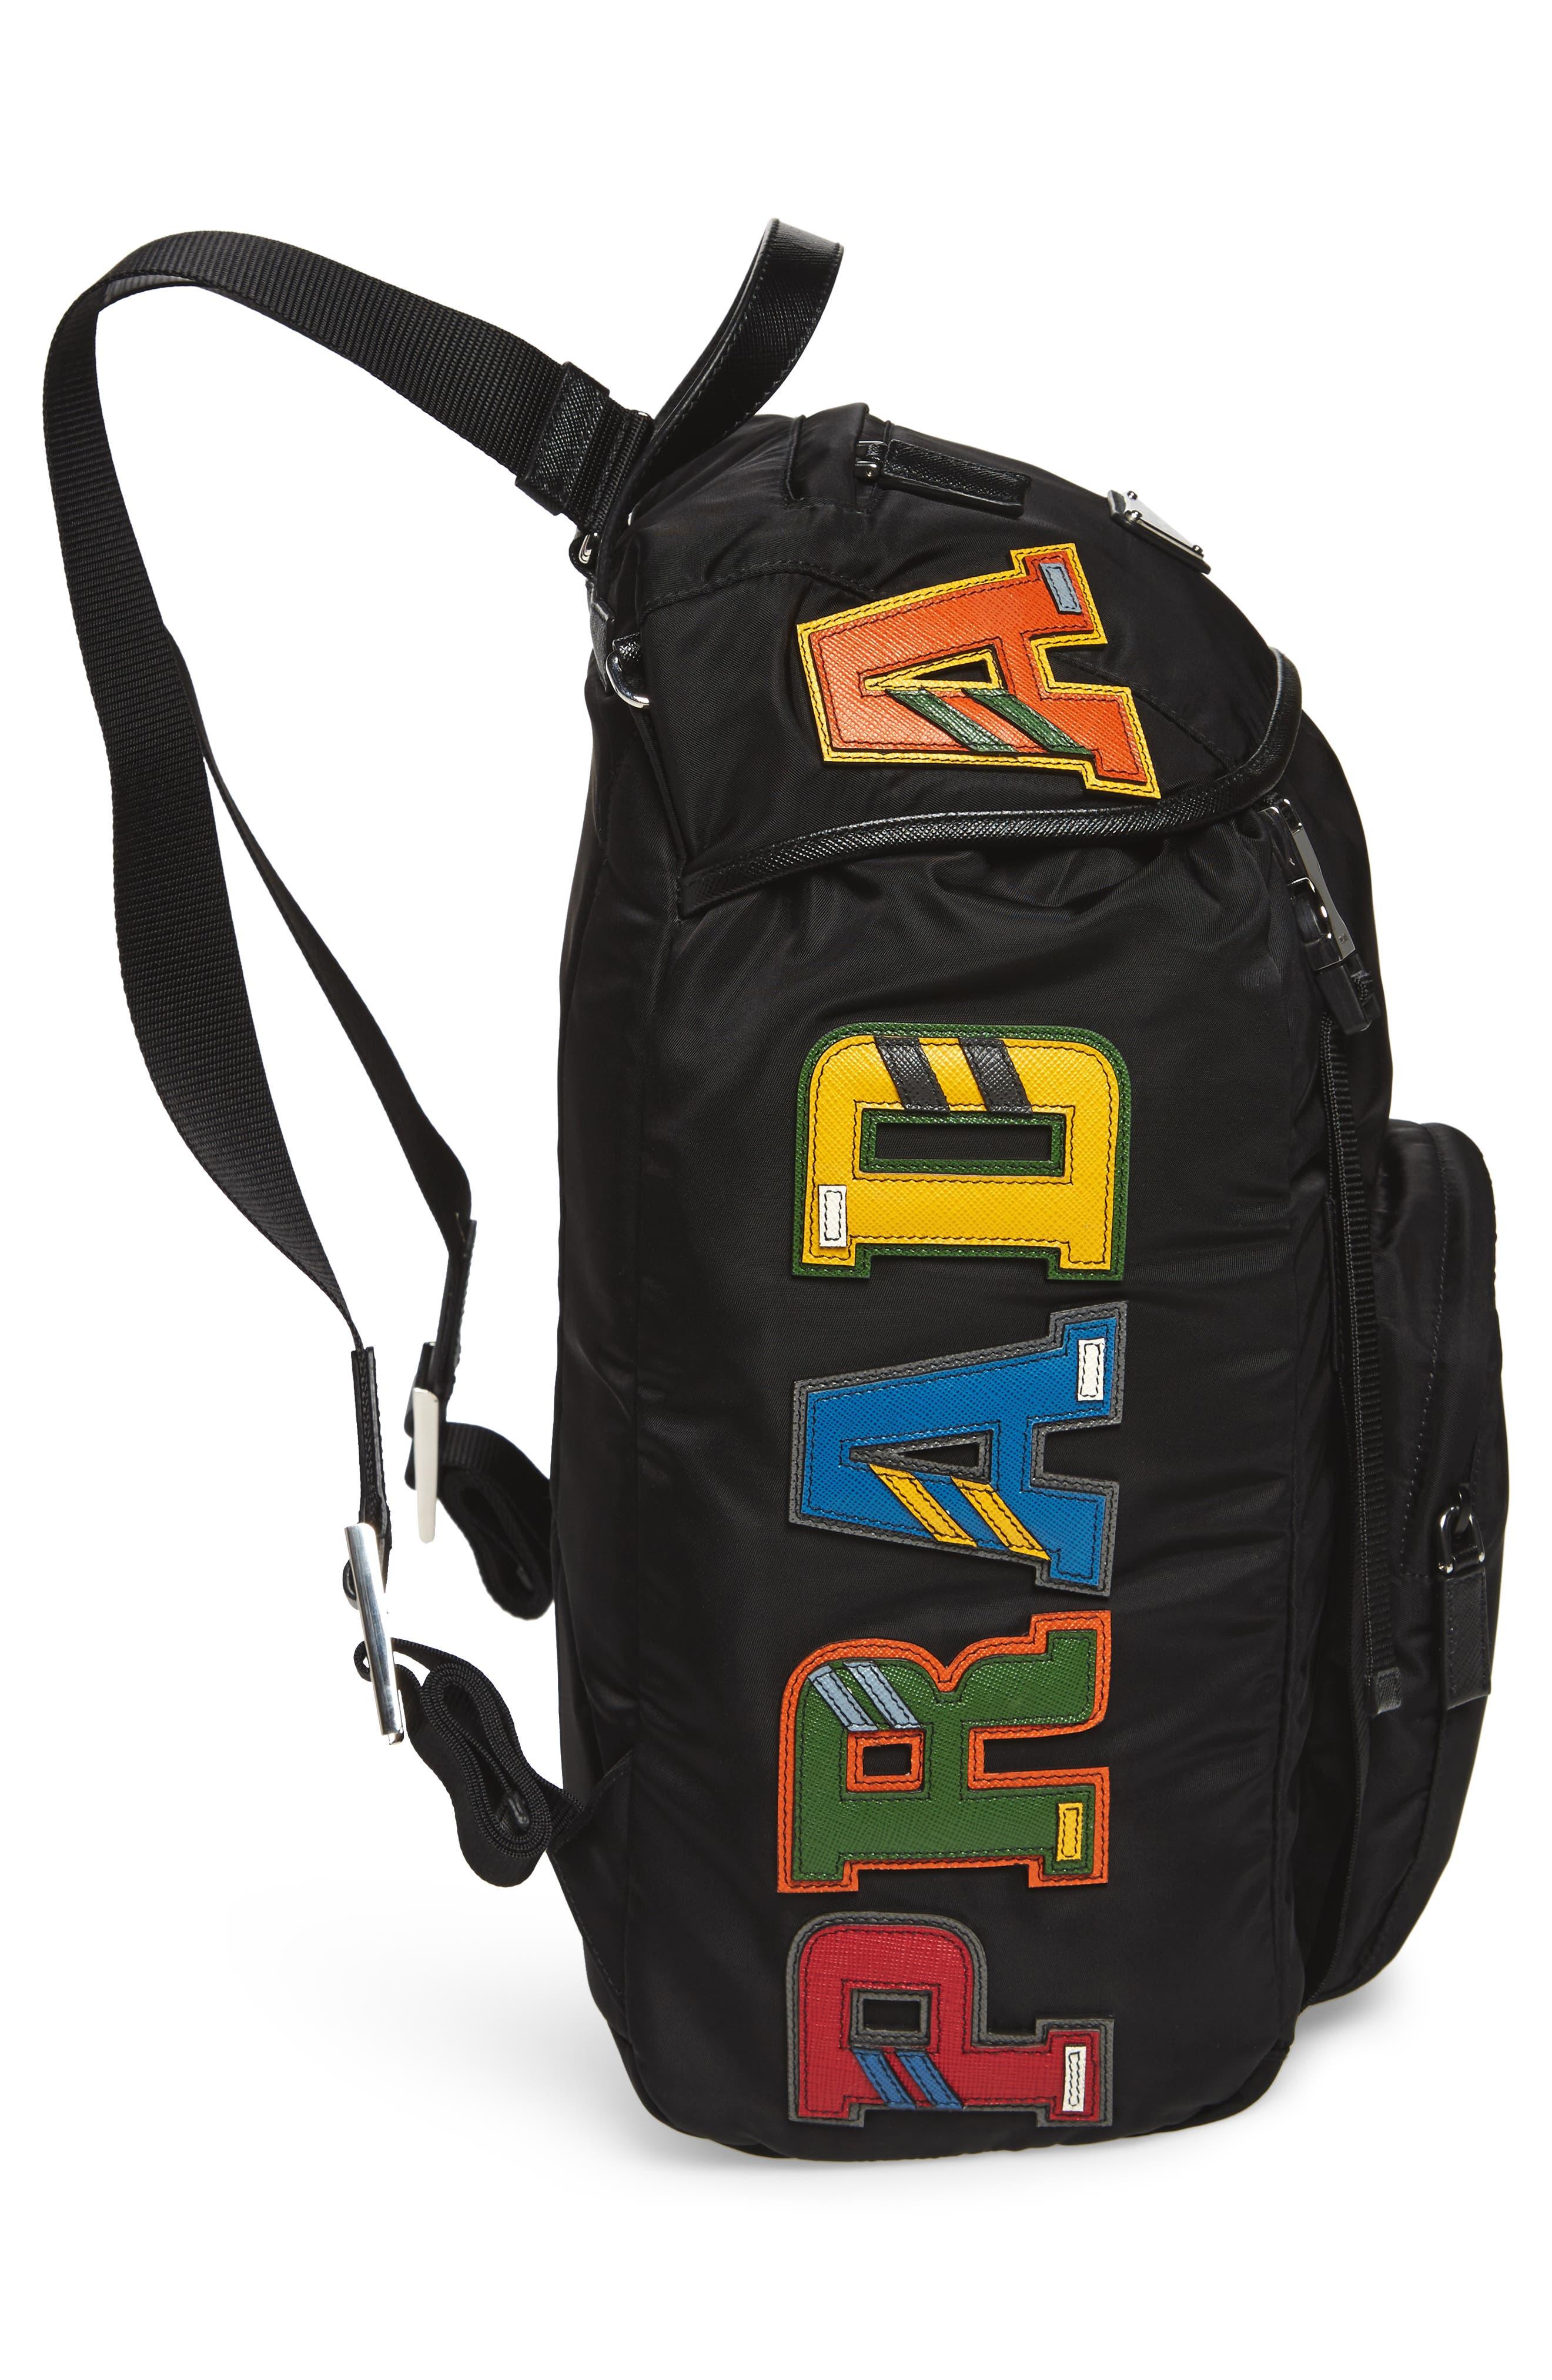 PRADA,                             Tessuto Lettering Unisex Nylon Backpack,                             Alternate thumbnail 5, color,                             001